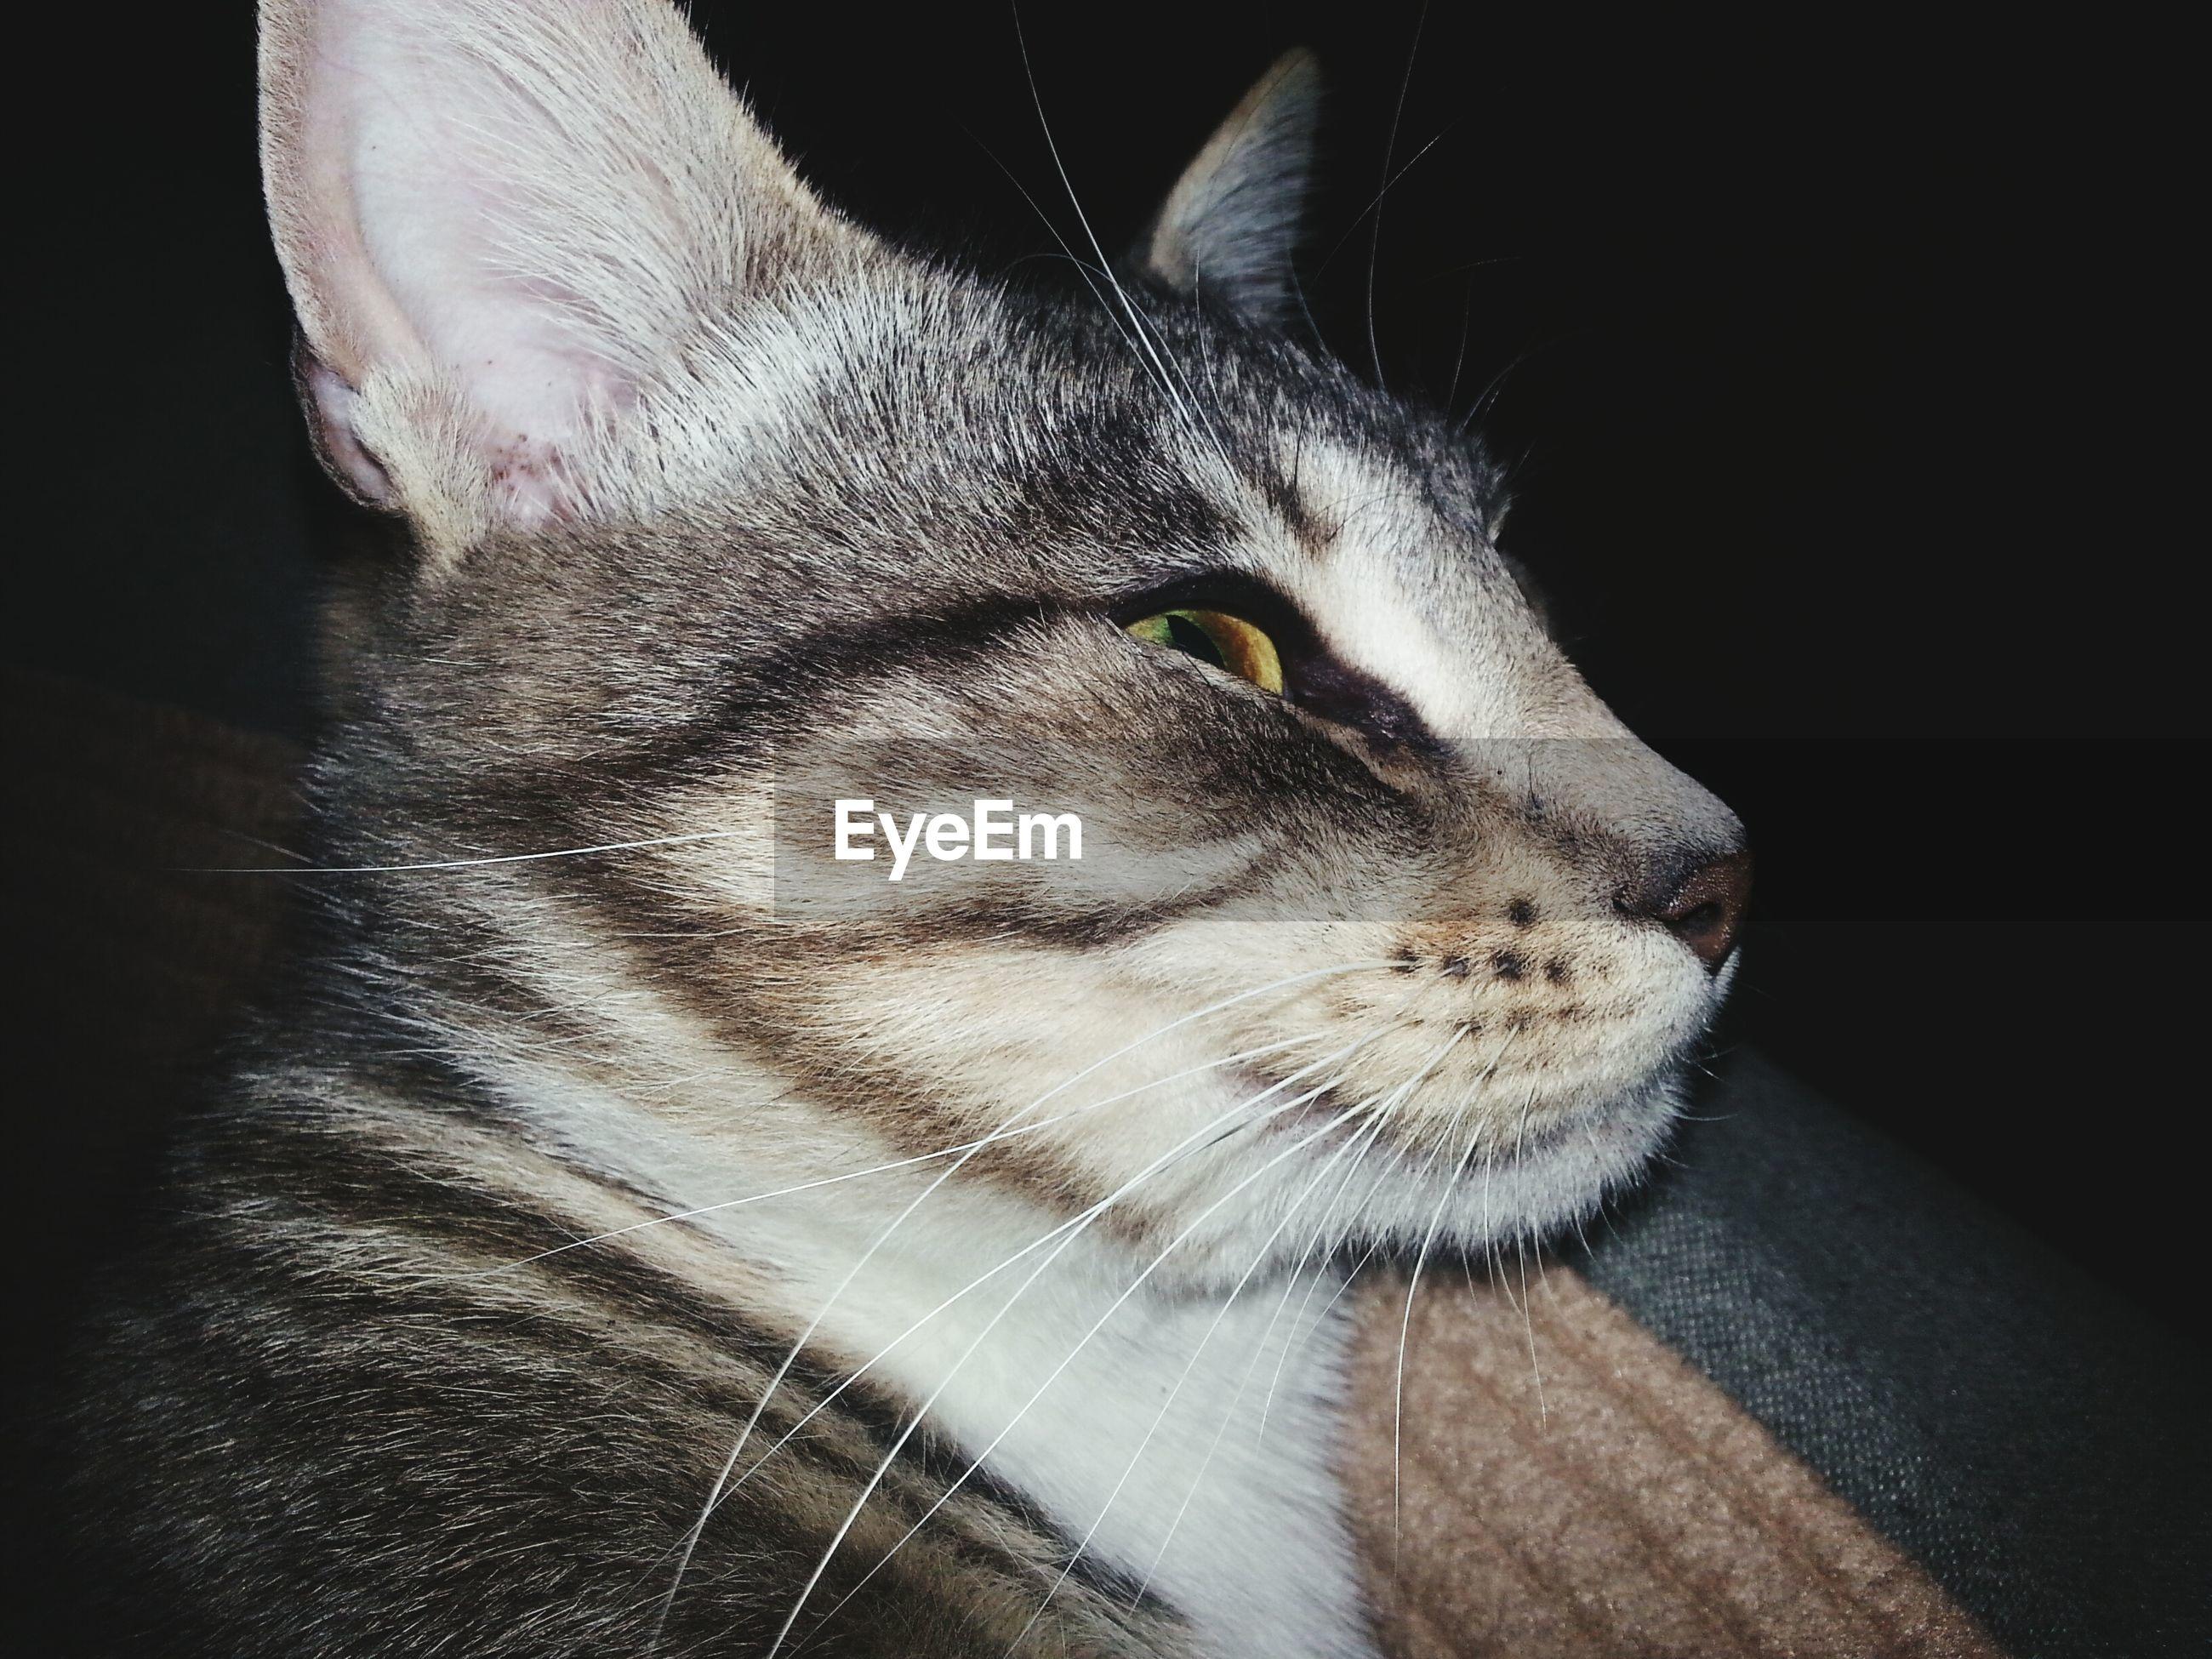 Close-up of cat in darkroom